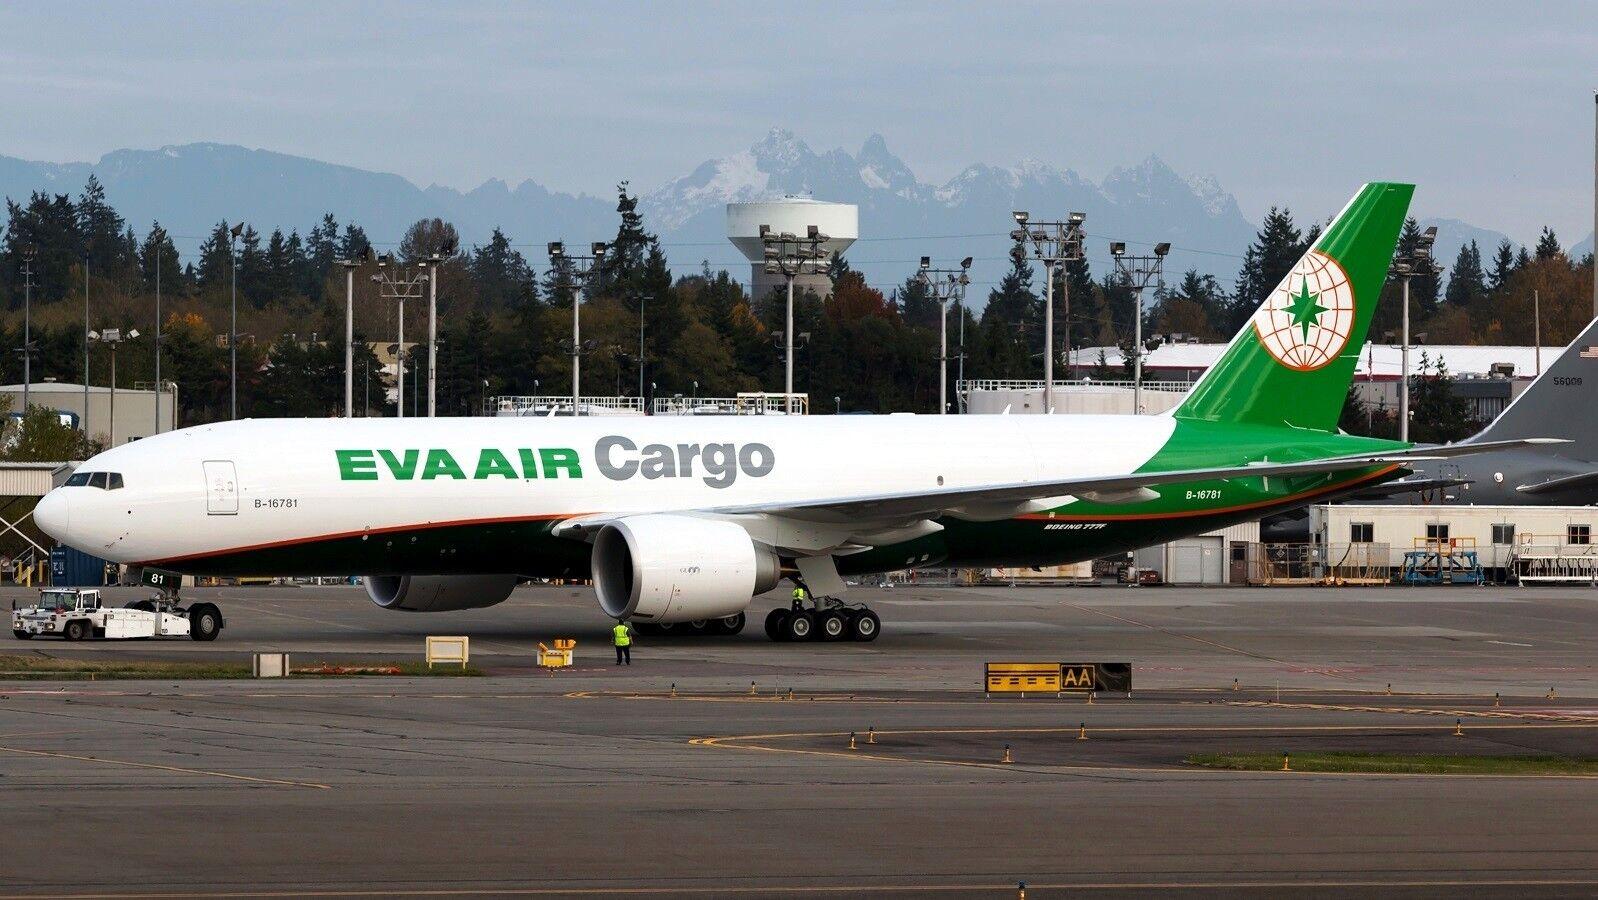 Jc Wings JC2039 1/200 Eva Eva Eva Aria Cargo Boeing 777-200   Lrf   B-16781 con Supporto 2c1d20